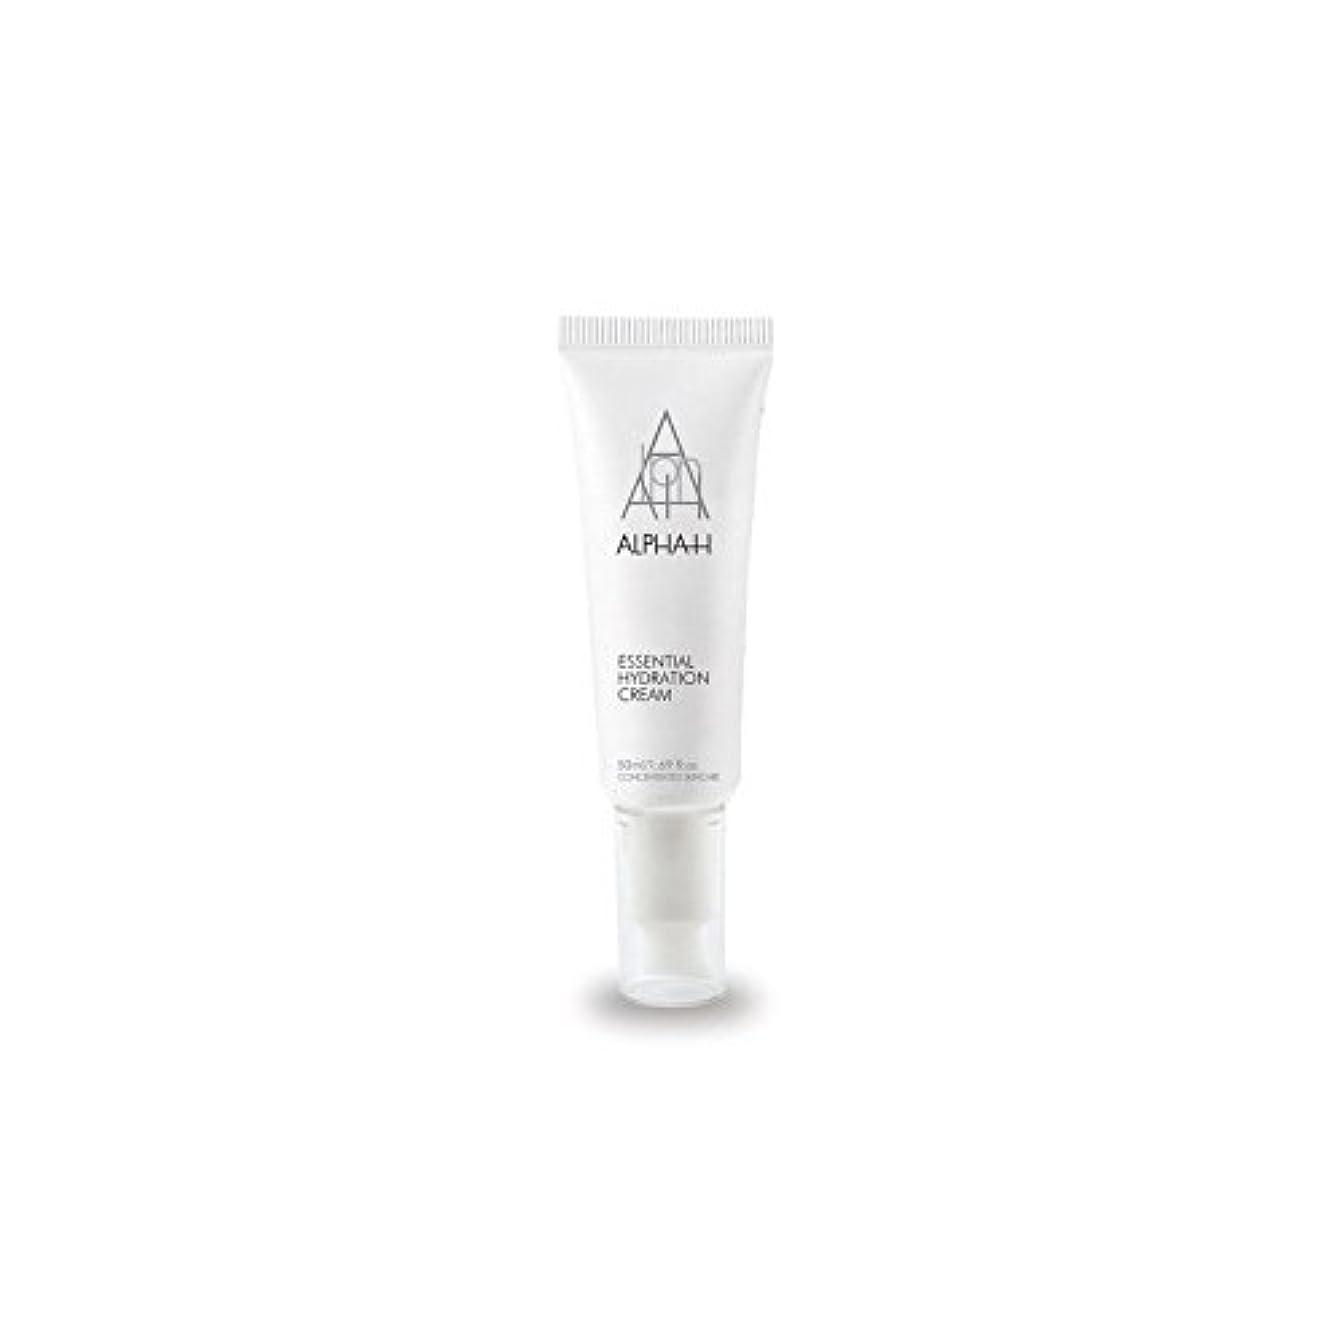 クラック校長協同Alpha-H Essential Hydration Cream (50ml) - アルファ必須水和クリーム(50)中 [並行輸入品]